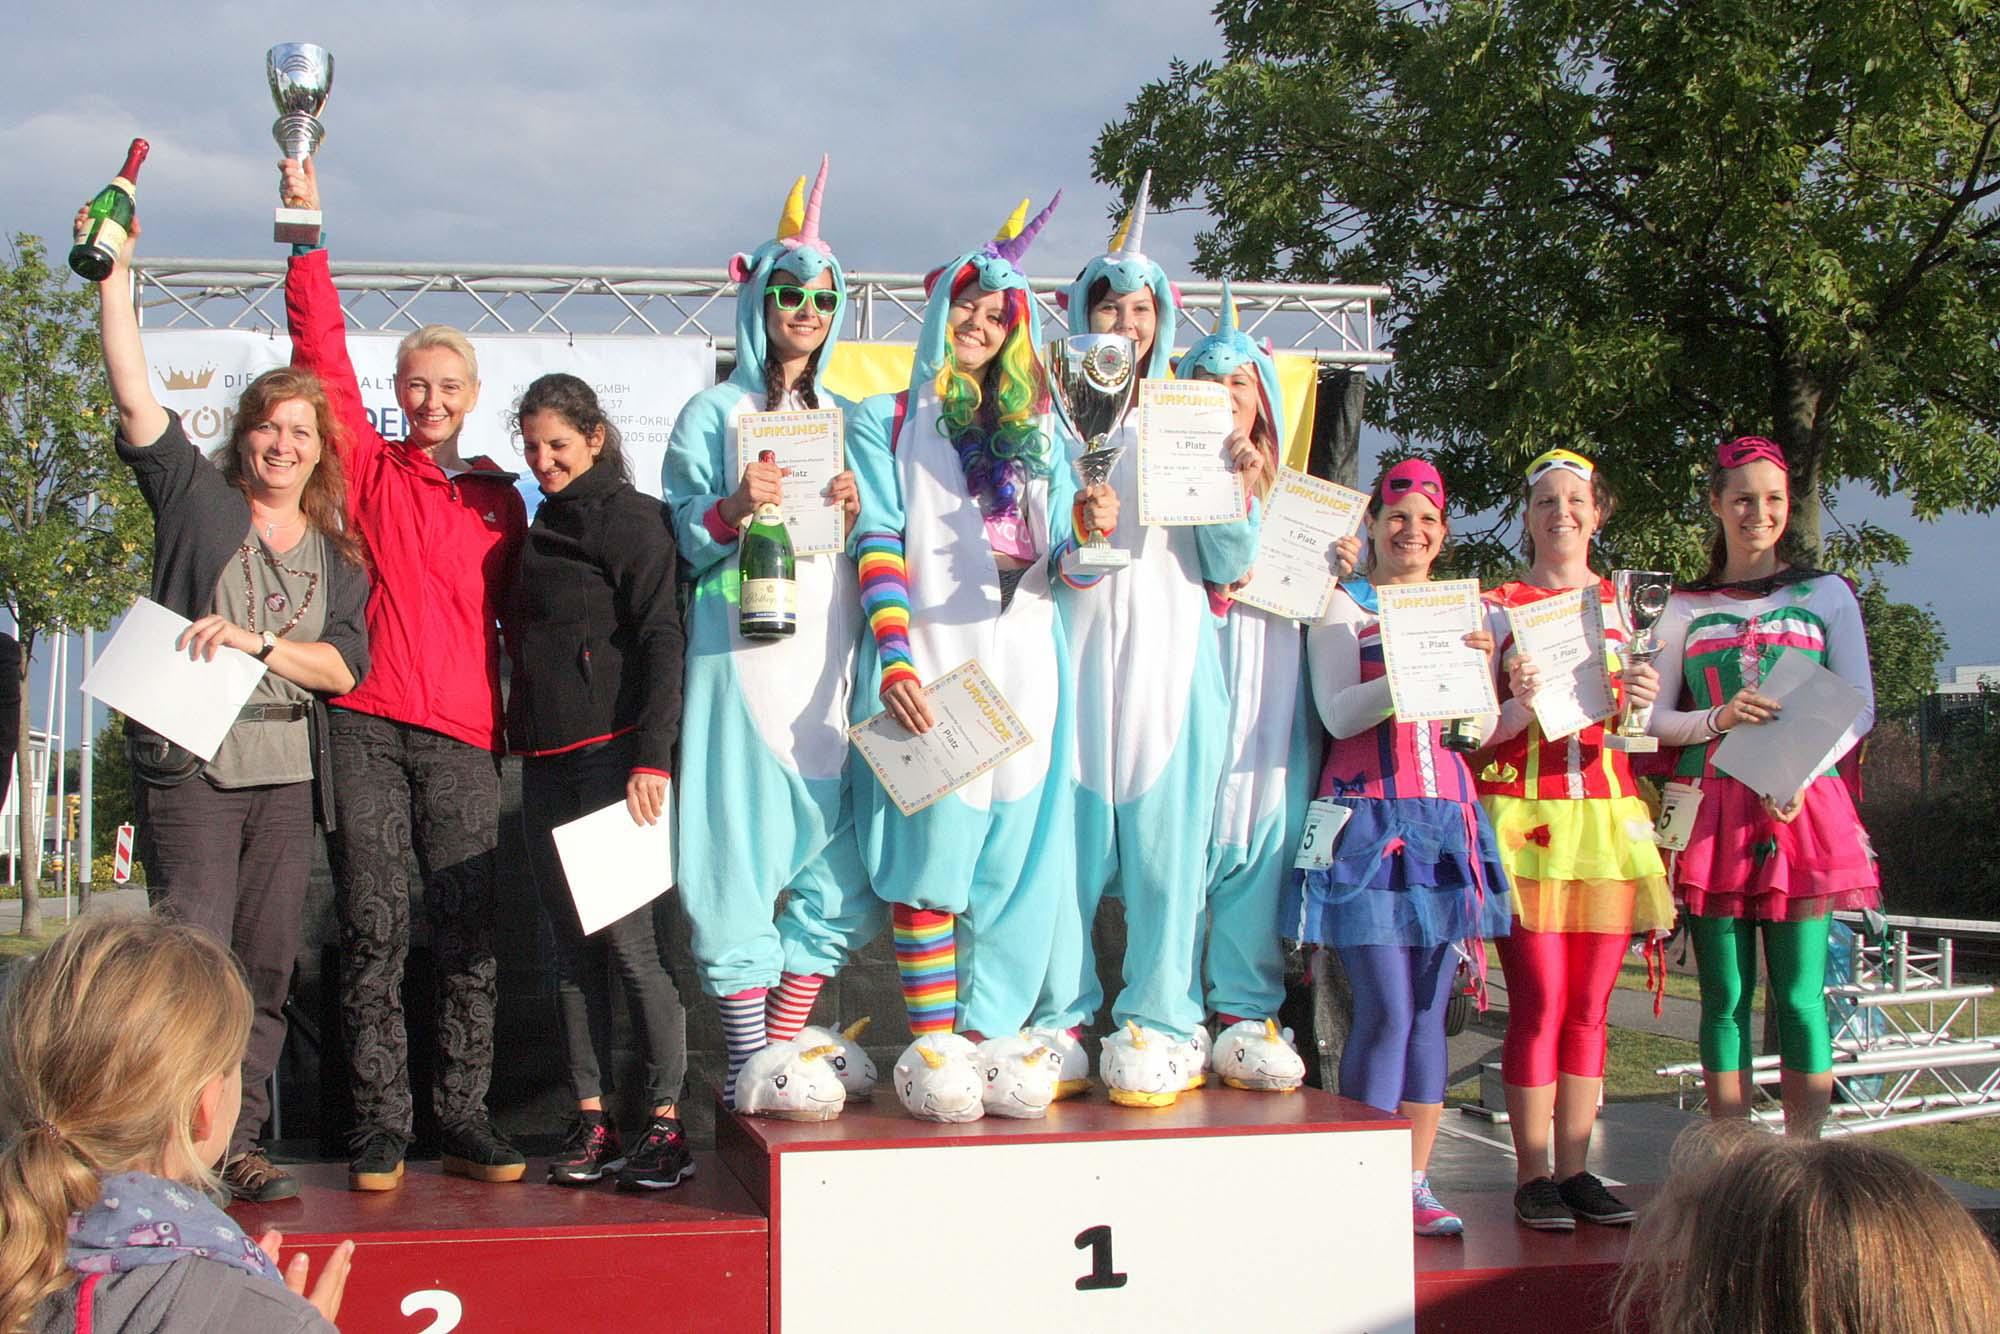 The-Unicorn-Racingteam-auf-dem-Siegertreppchen